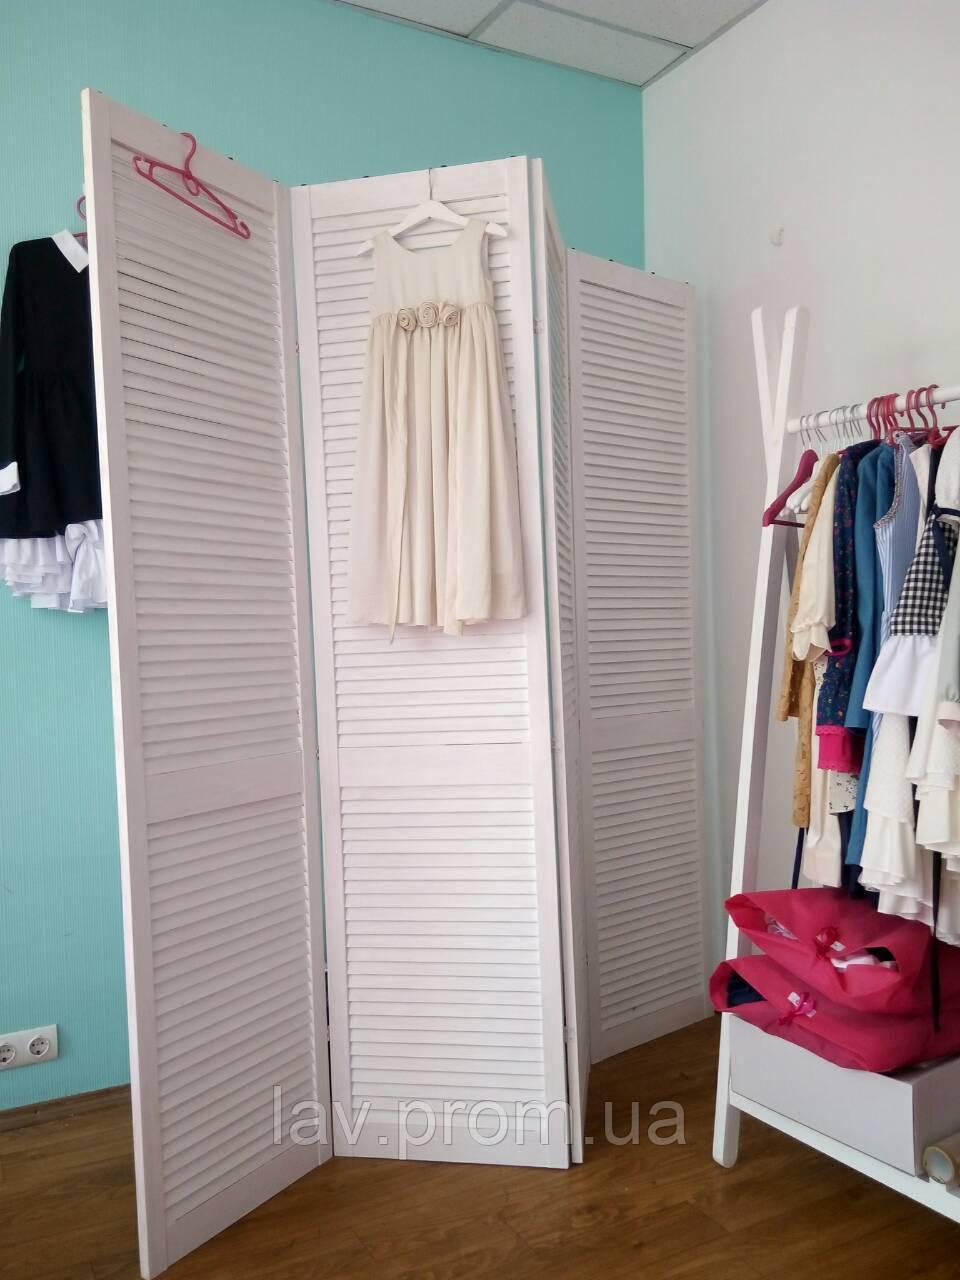 434d05b5f0ed1 Ширма деревянная для магазина детской одежды на 4 секции. - Ширма на заказ  в Киевской